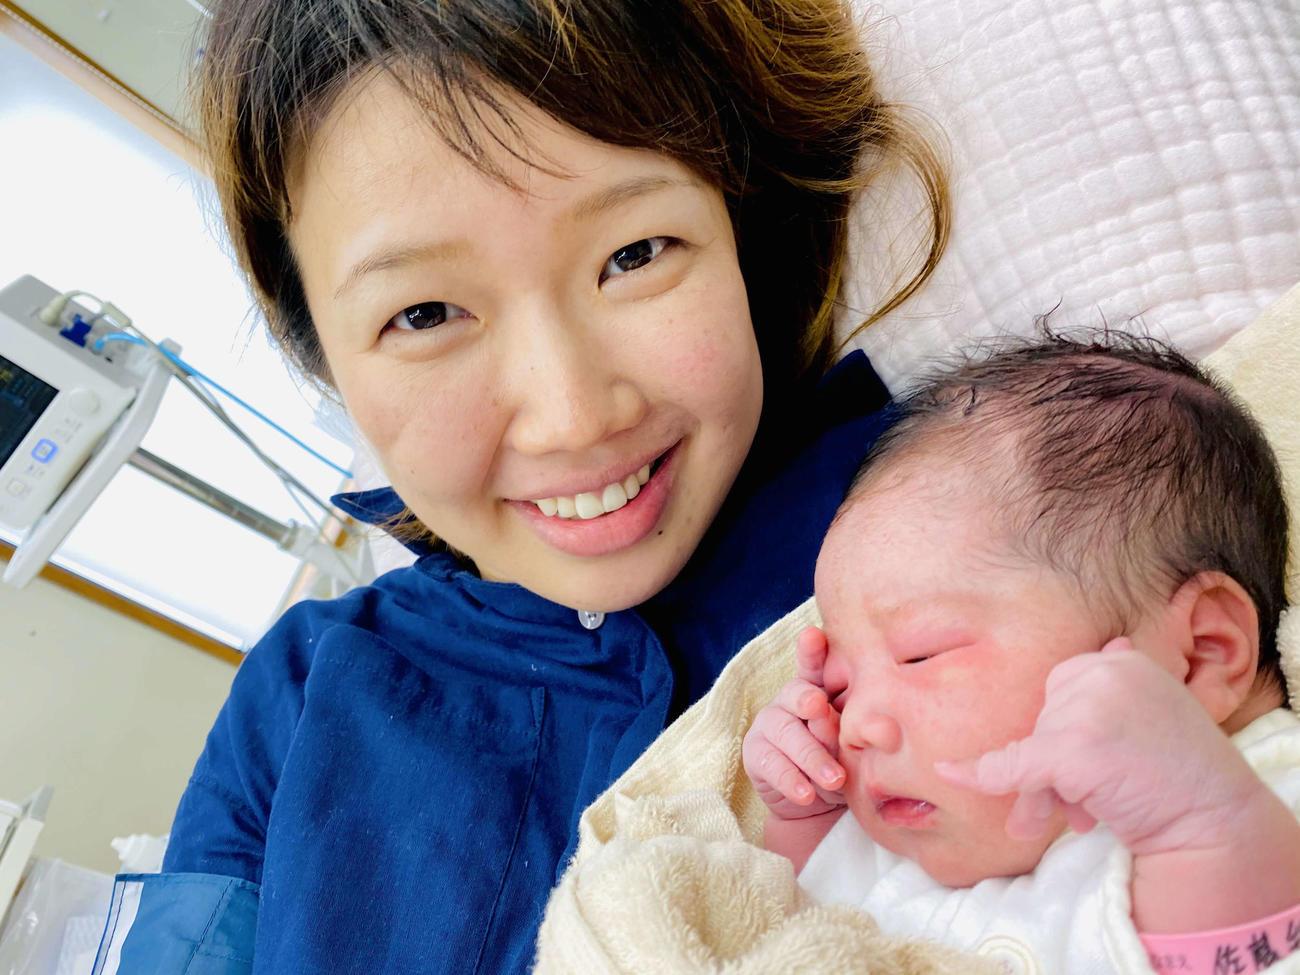 ガールズケイリン3期生の長沢彩が第1子を出産した